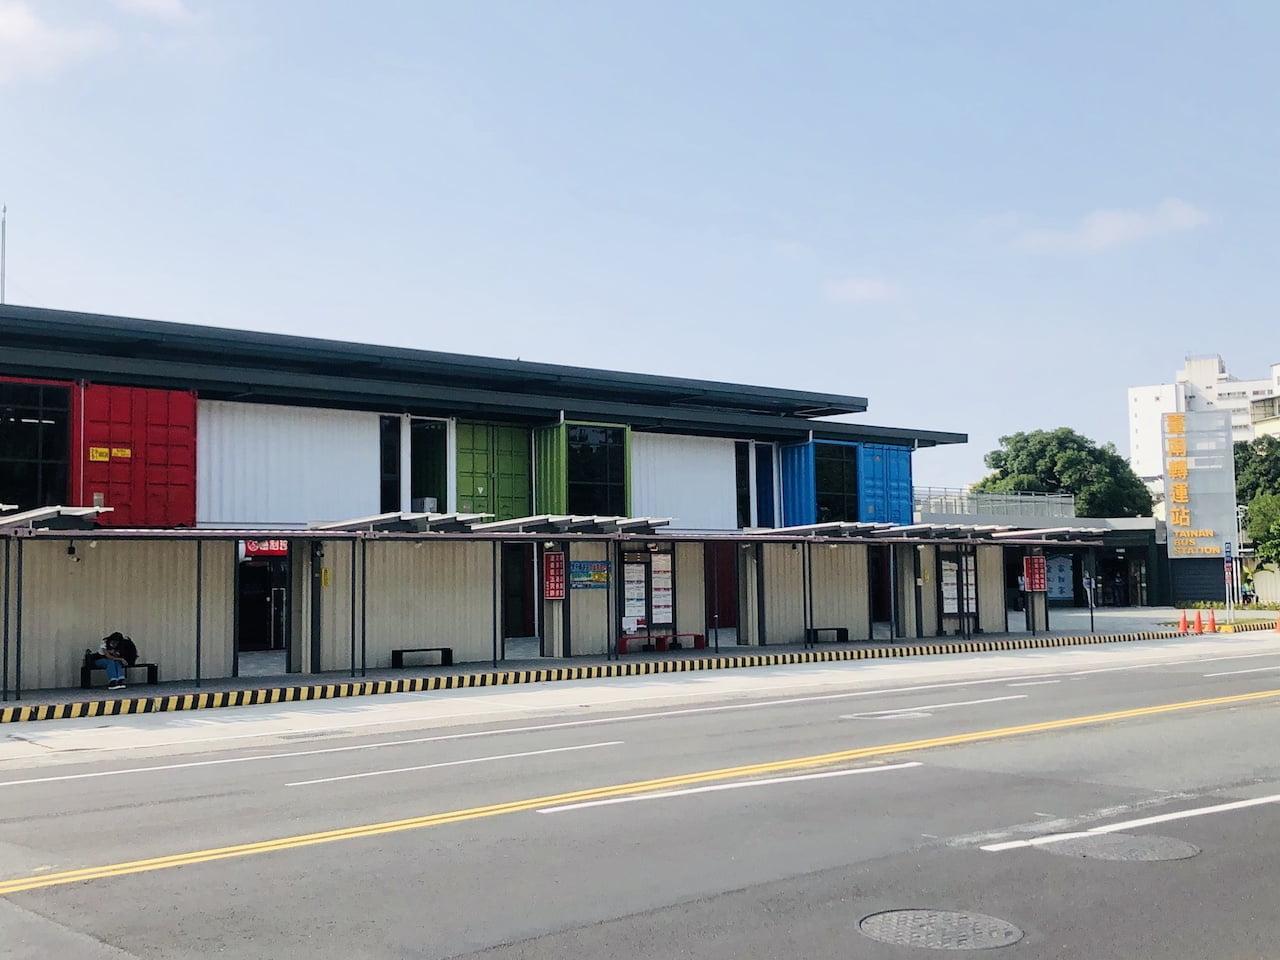 高雄空港の台南行きのバス乗り場の台南バスステーション